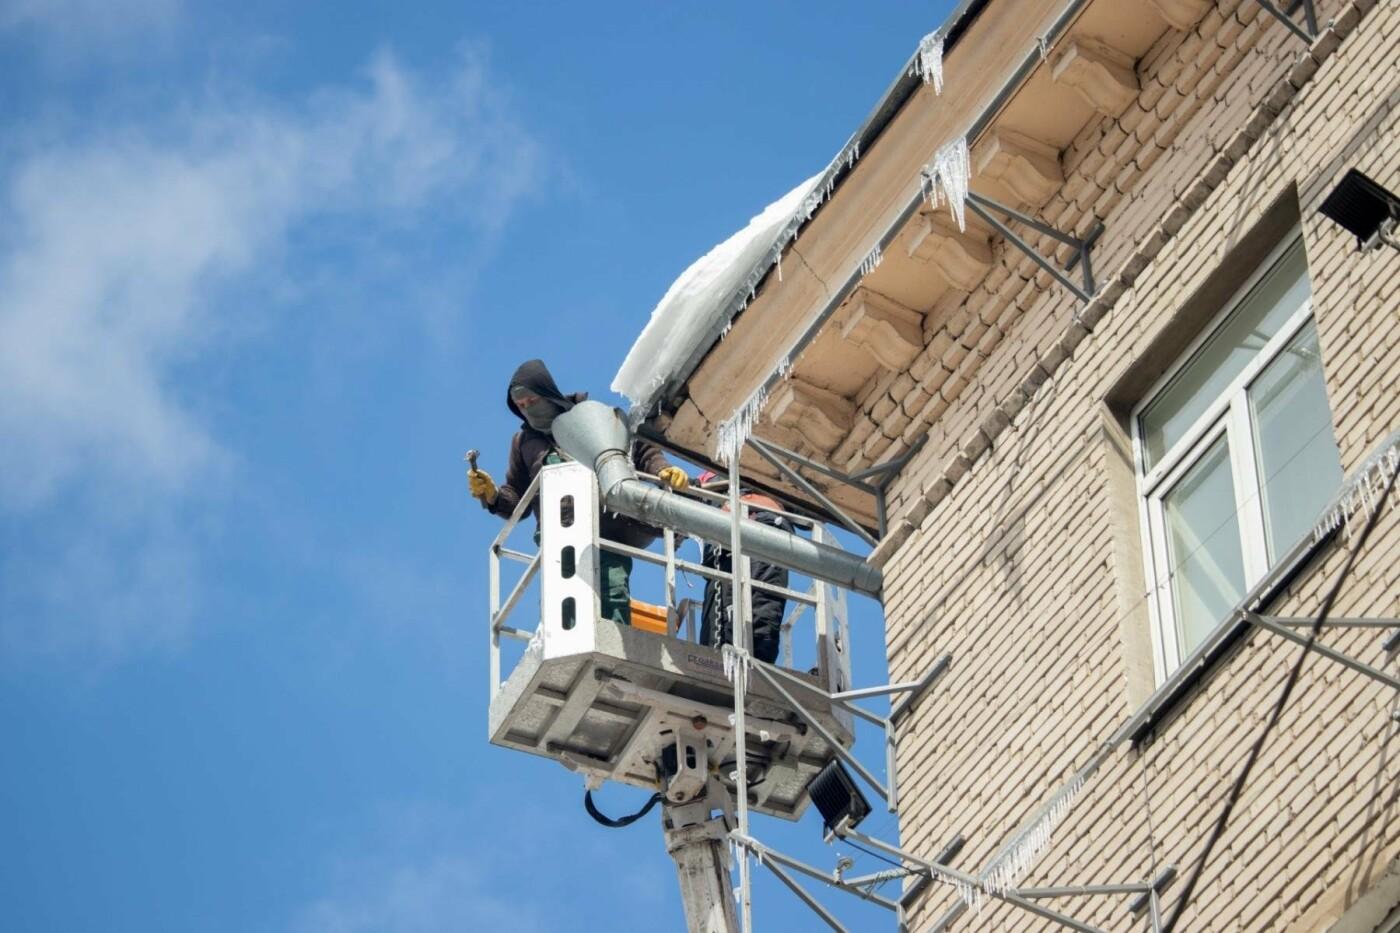 В Днепре из-за перепада температуры образовались опасные сосульки на крышах домов (ФОТО), фото-1